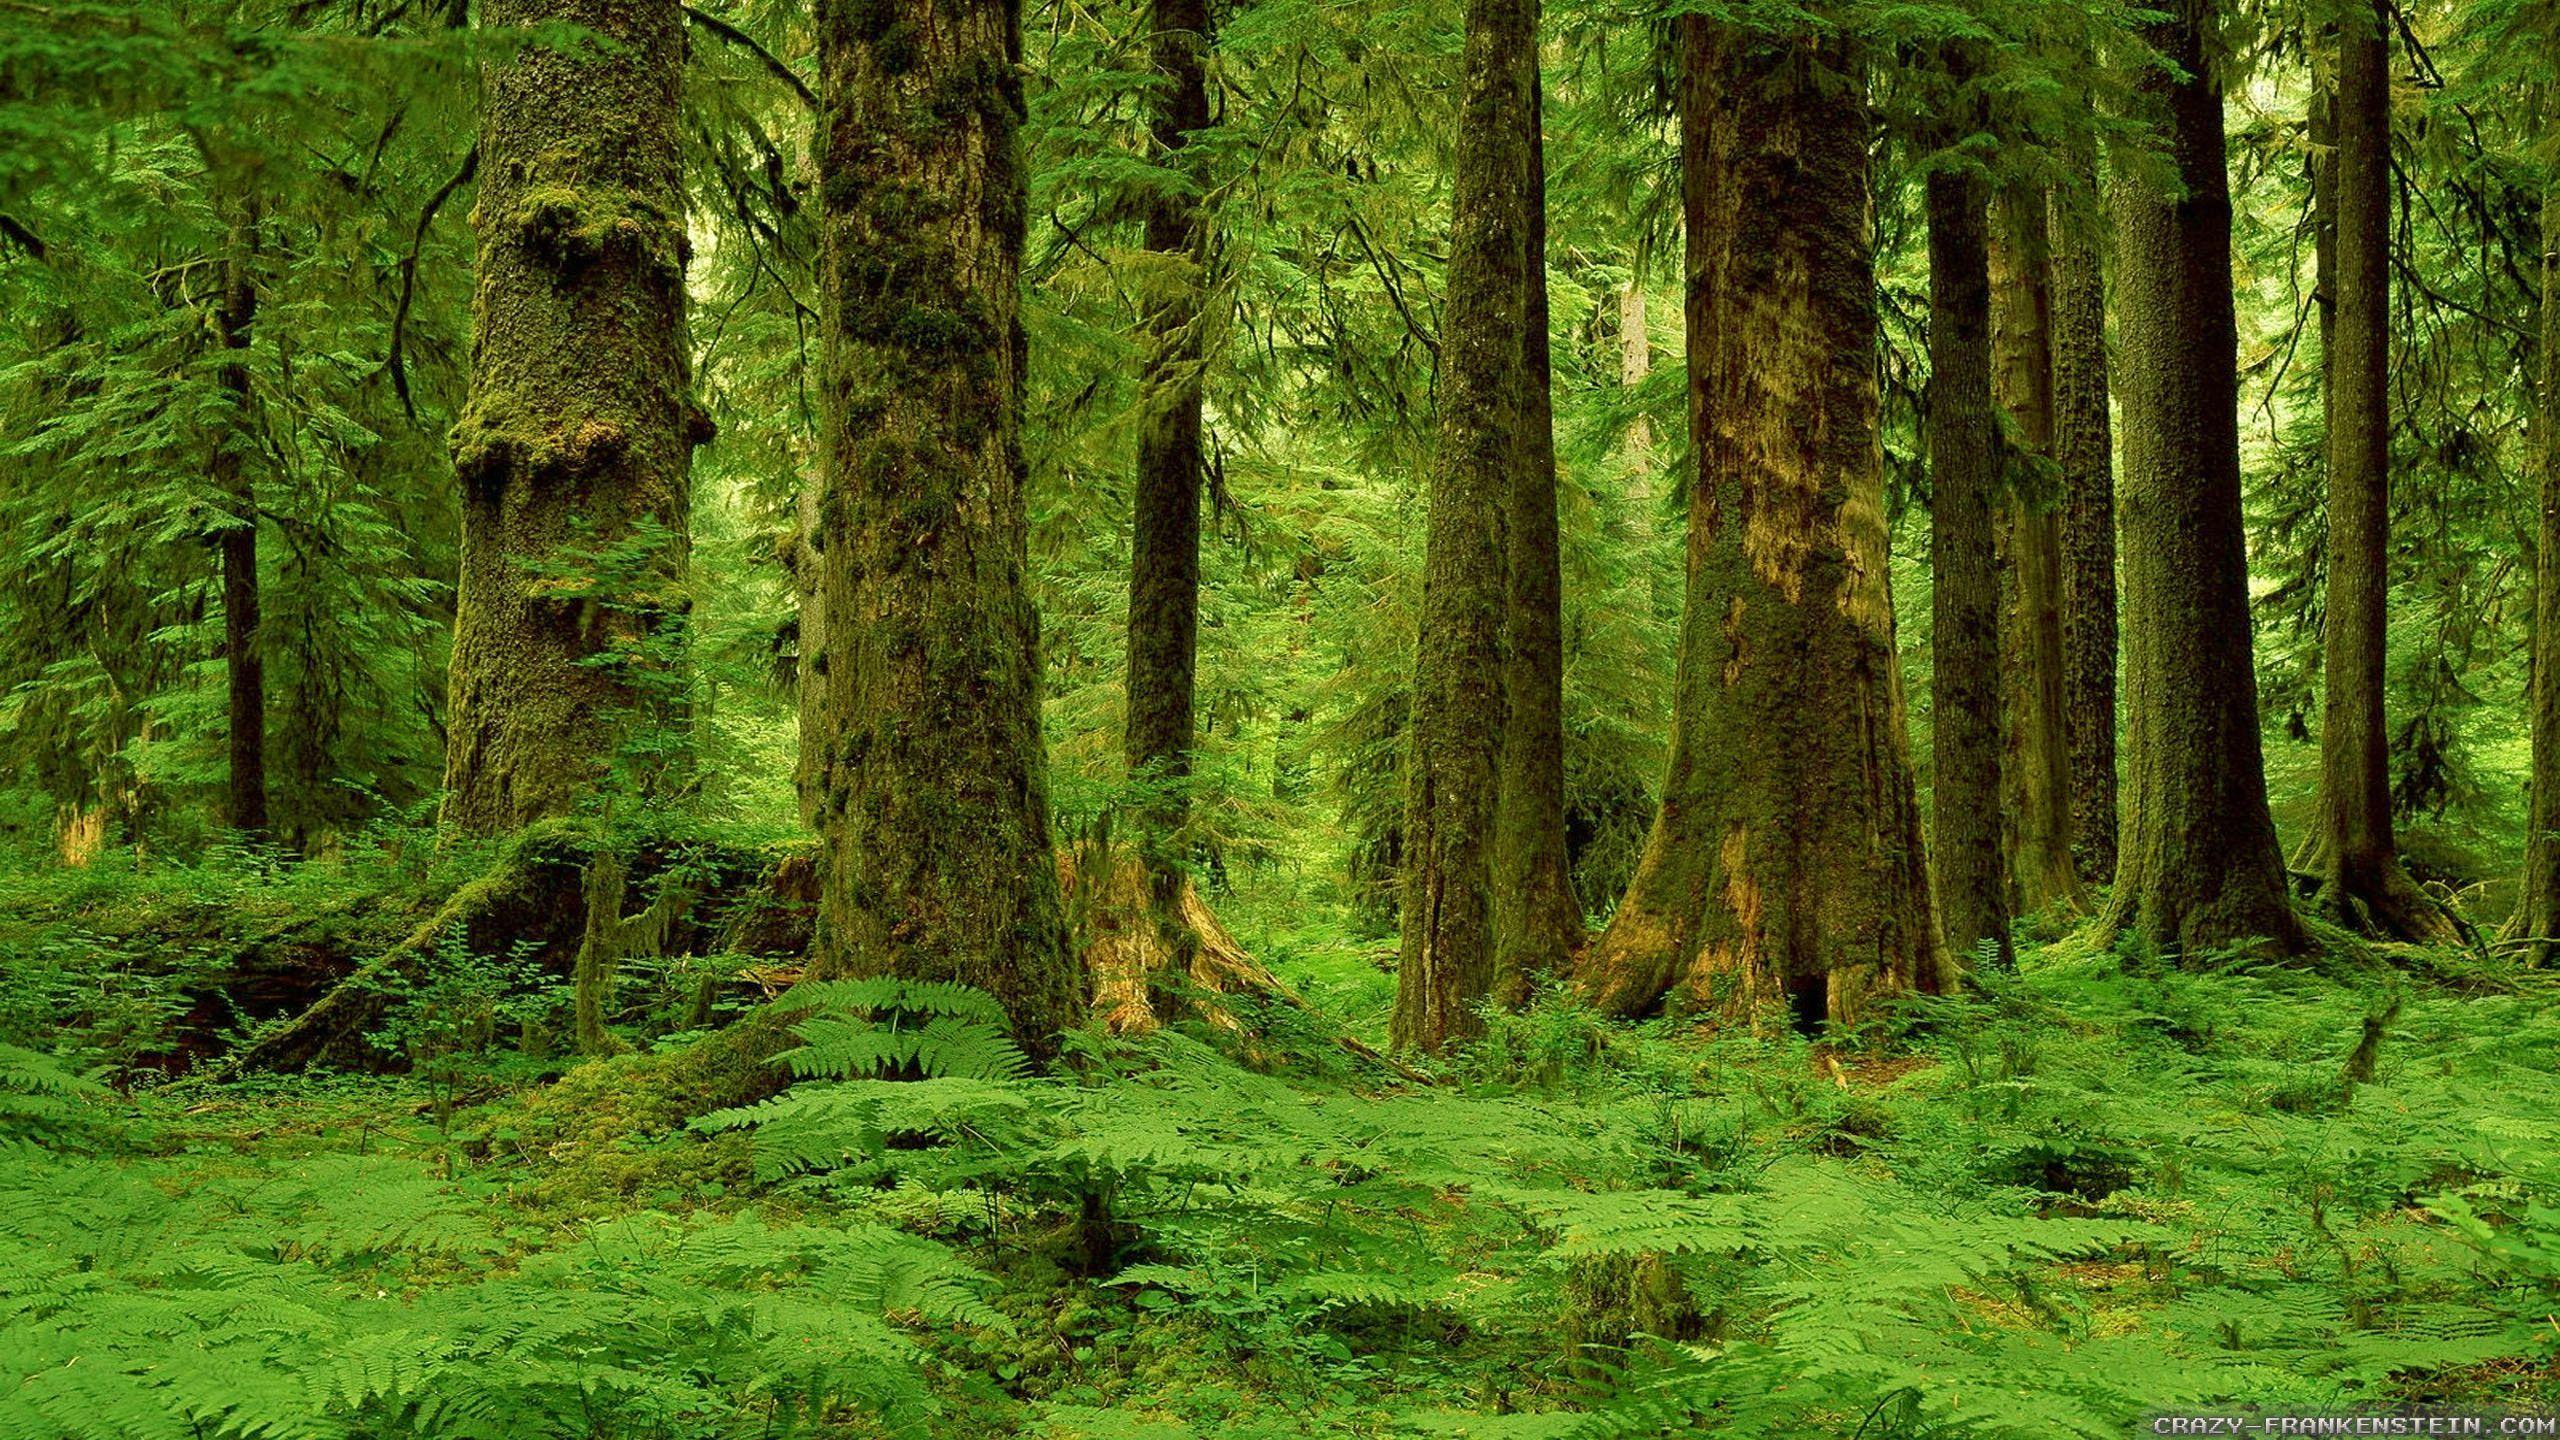 Hình nền rừng HD 2560x1440.  Thiên nhiên.  Hình nền rừng